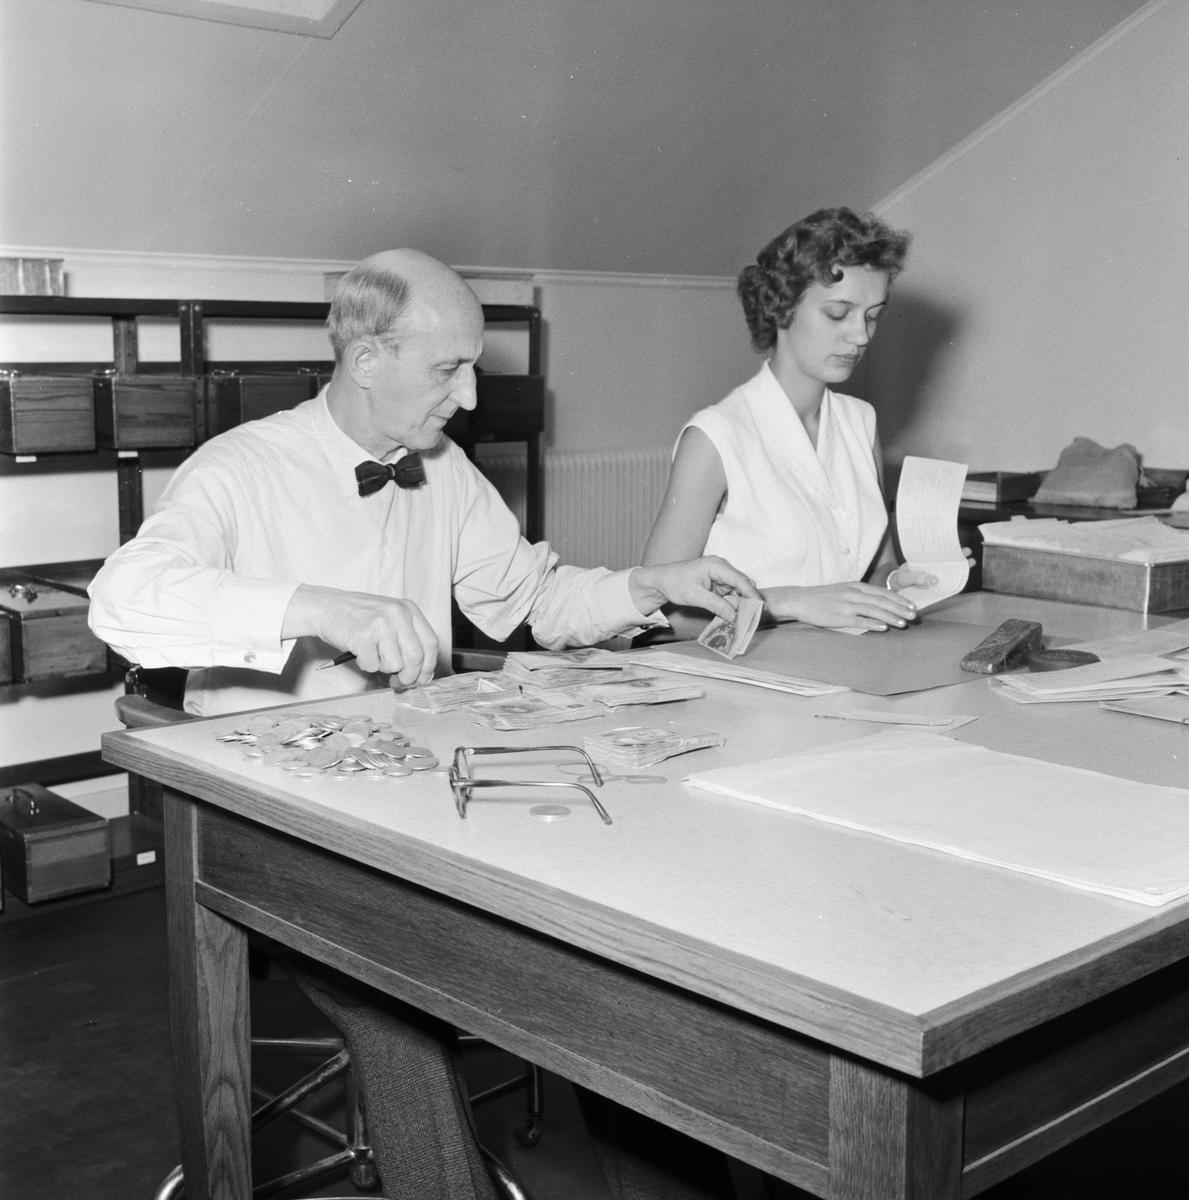 Övrigt: Foto datum: 8/11 1957 Byggnader och kranar Bokföringskontoret